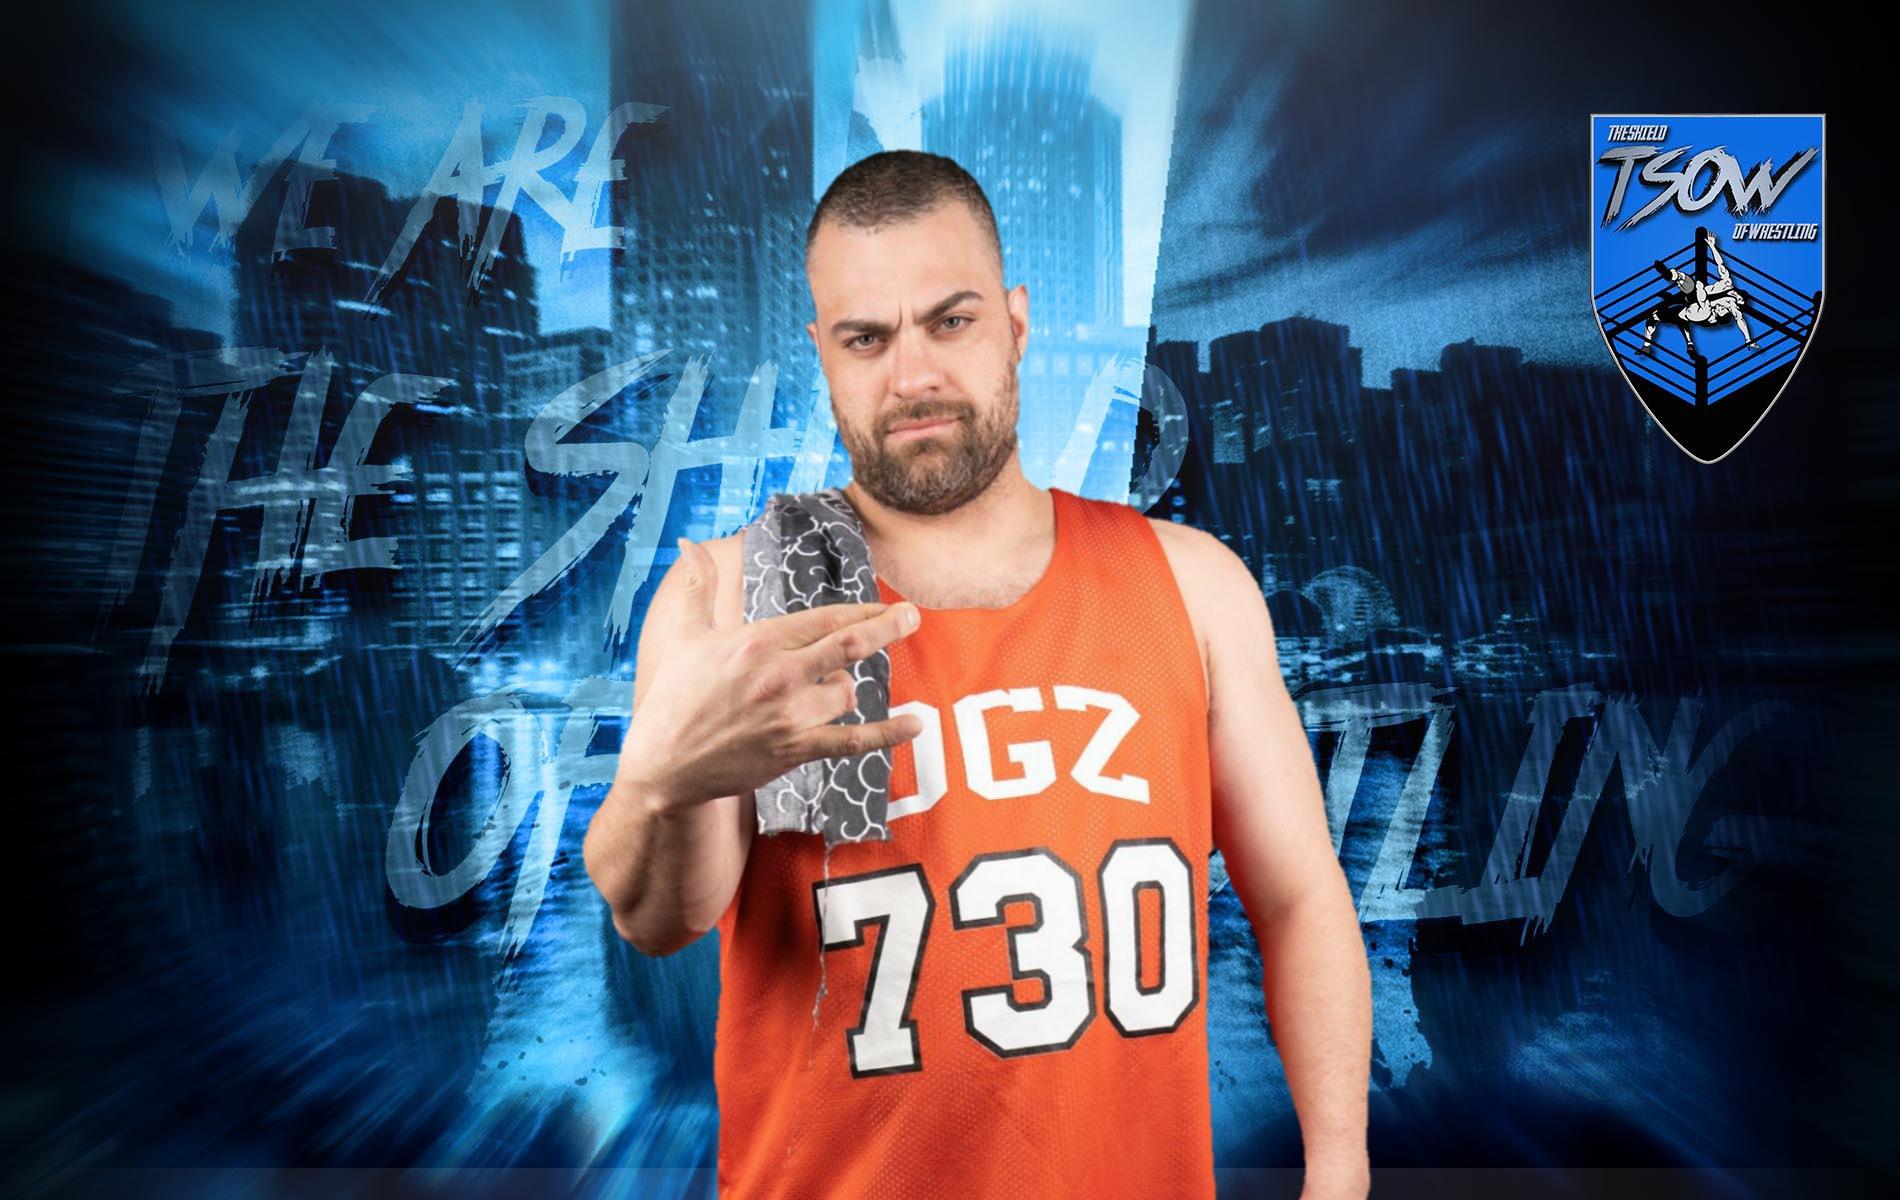 Eddie Kingston spiega perché ha preferito la AEW alla WWE